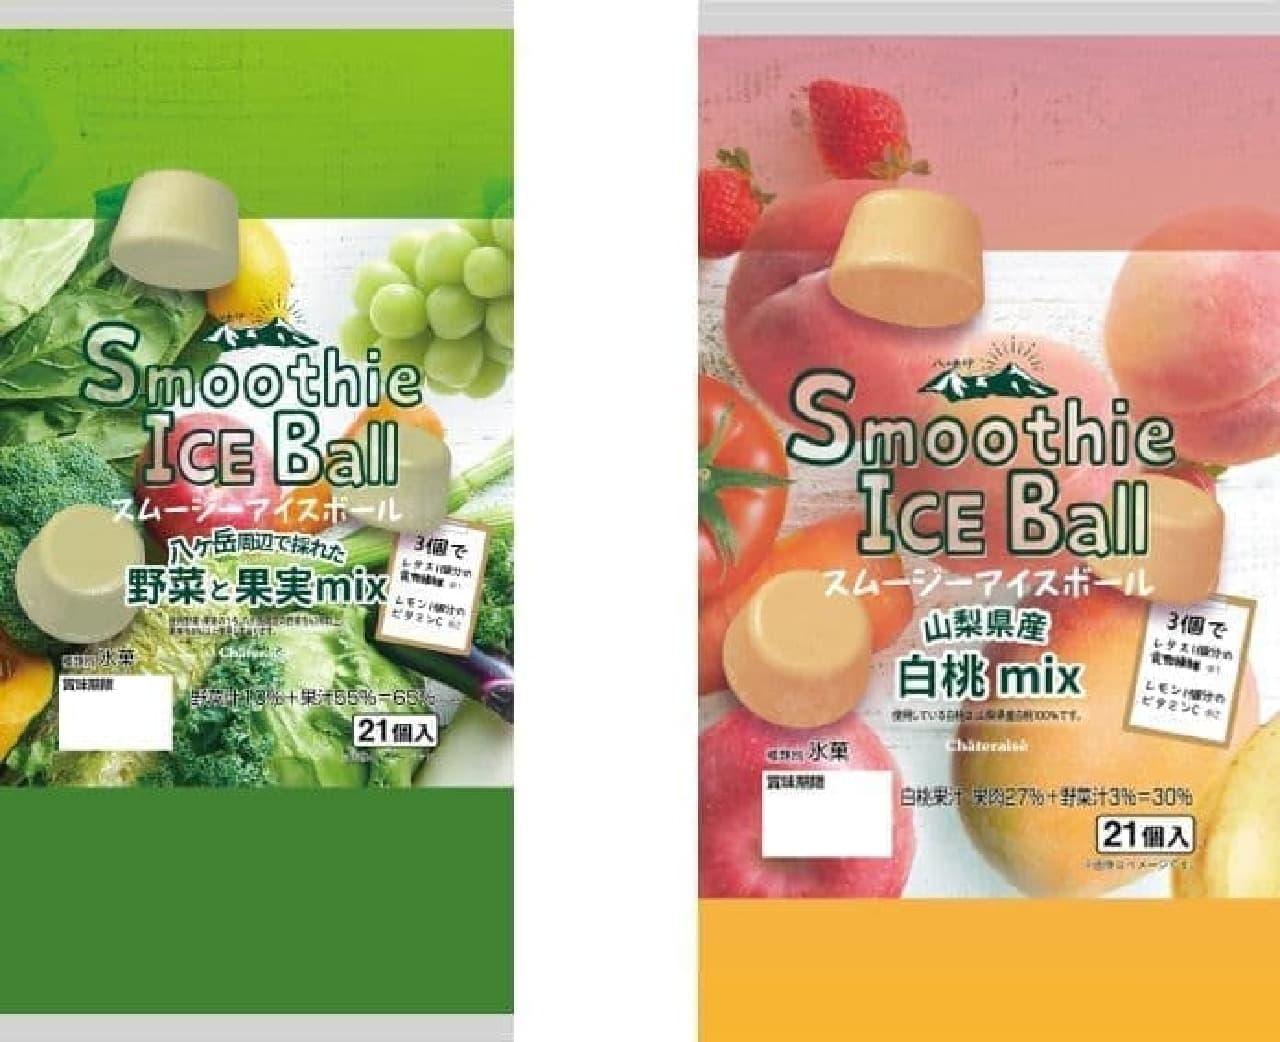 シャトレーゼ「スムージーアイスボール 八ヶ岳周辺で採れた野菜と果実mix」「スムージーアイスボール 山梨県産白桃mix」